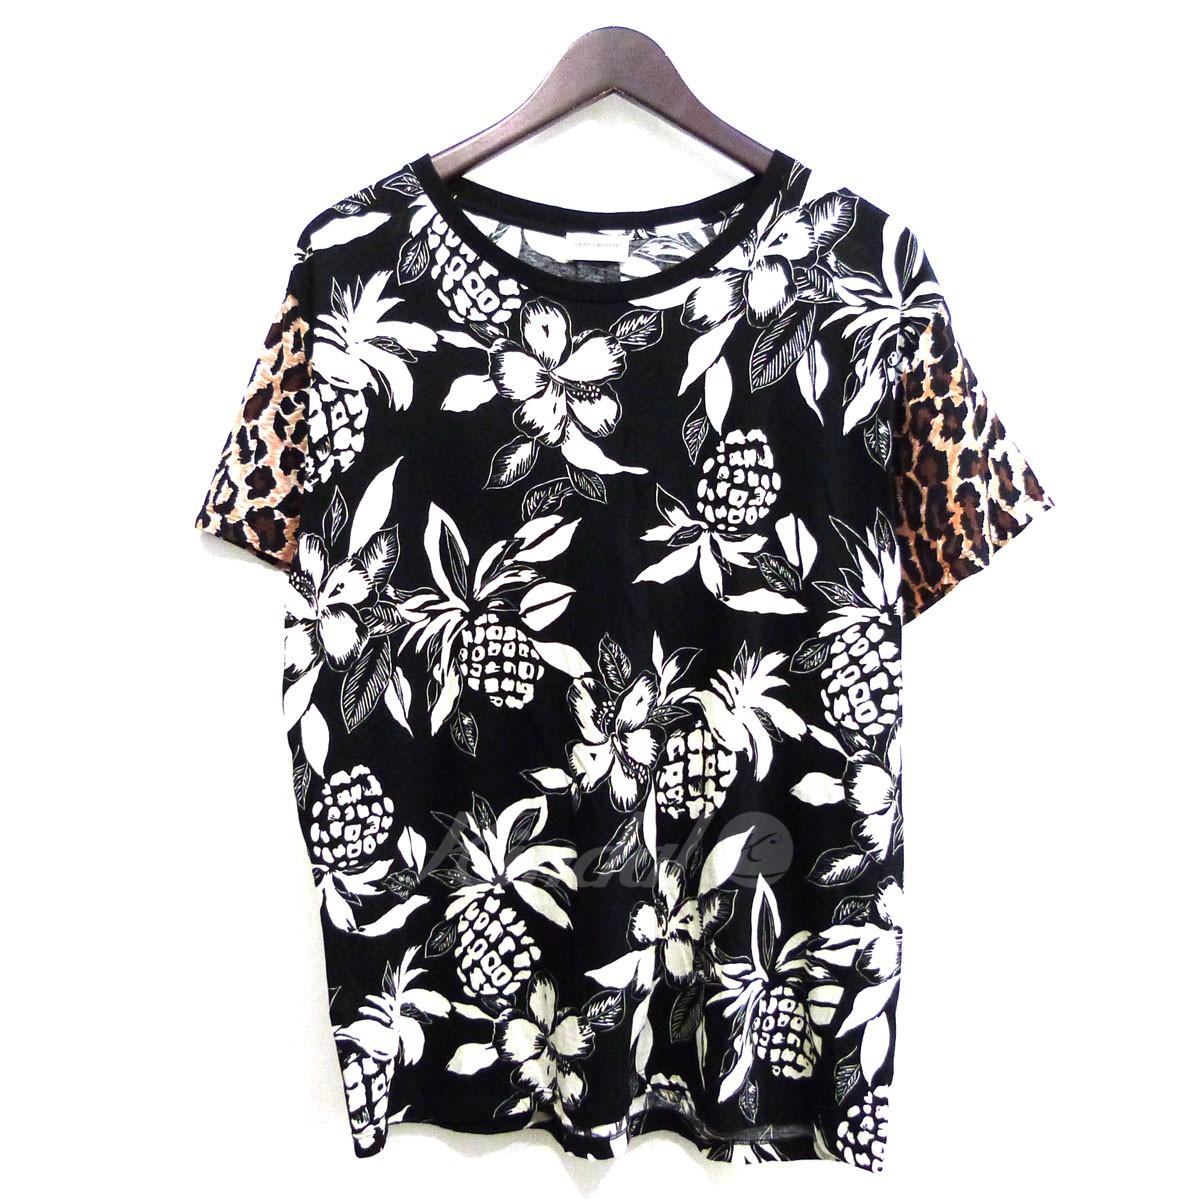 【中古】SAINT LAURENT PARIS17SS ハワイアンレオパードTシャツ ブラック×ベージュ サイズ:M 【送料無料】